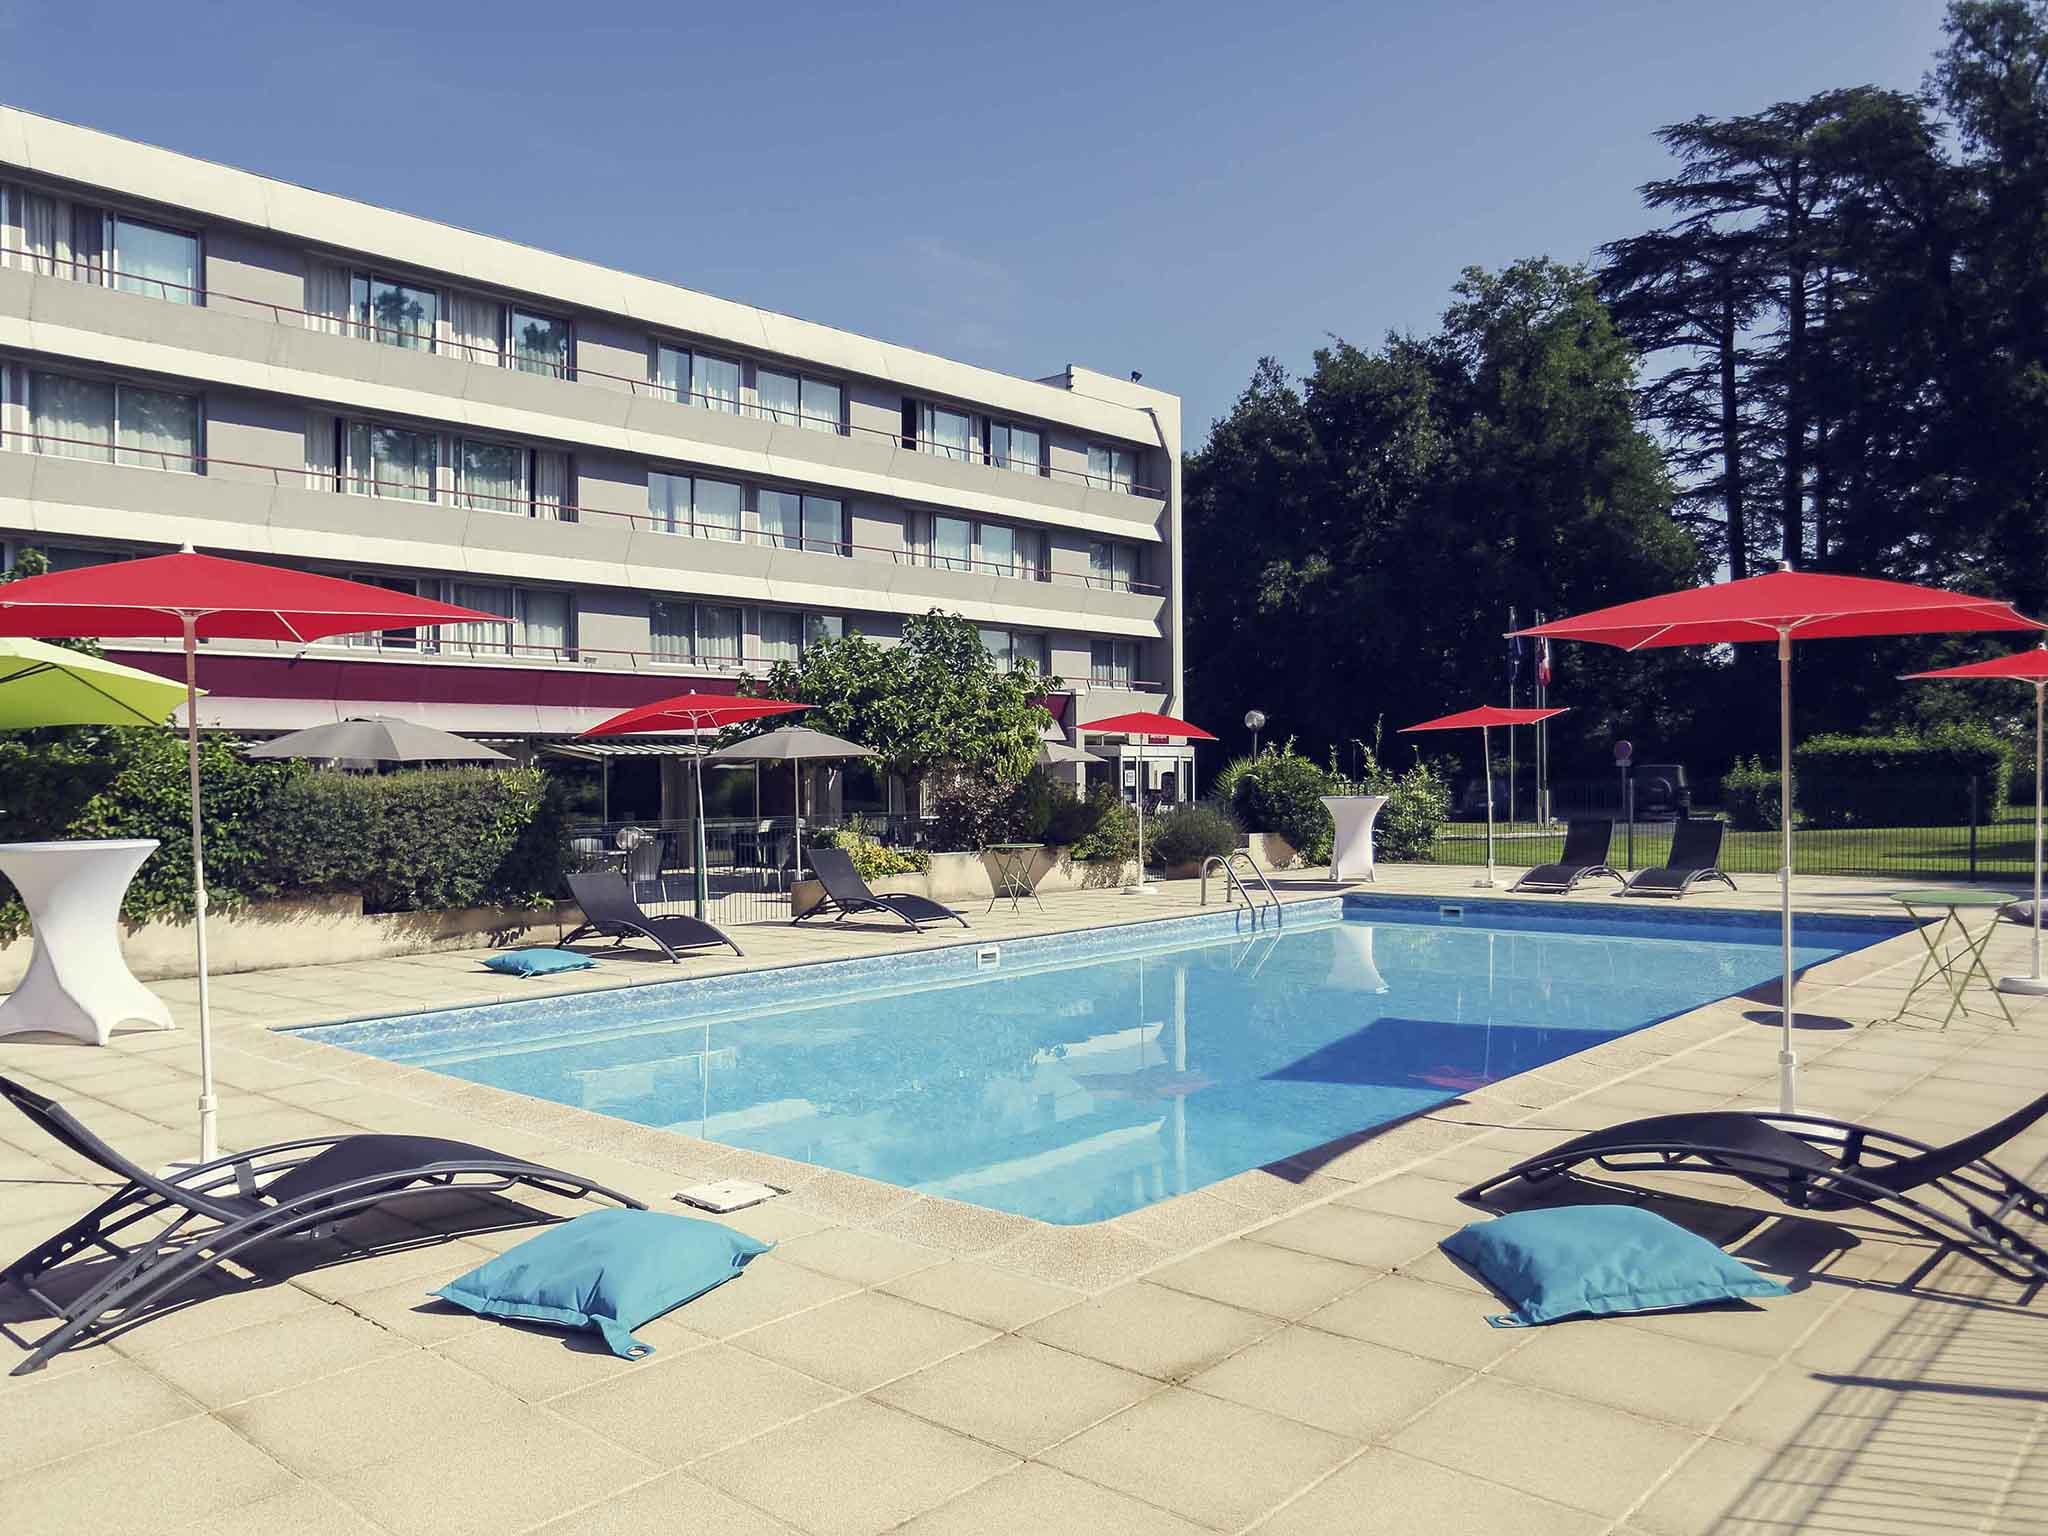 Hôtel - Hôtel Mercure Brive